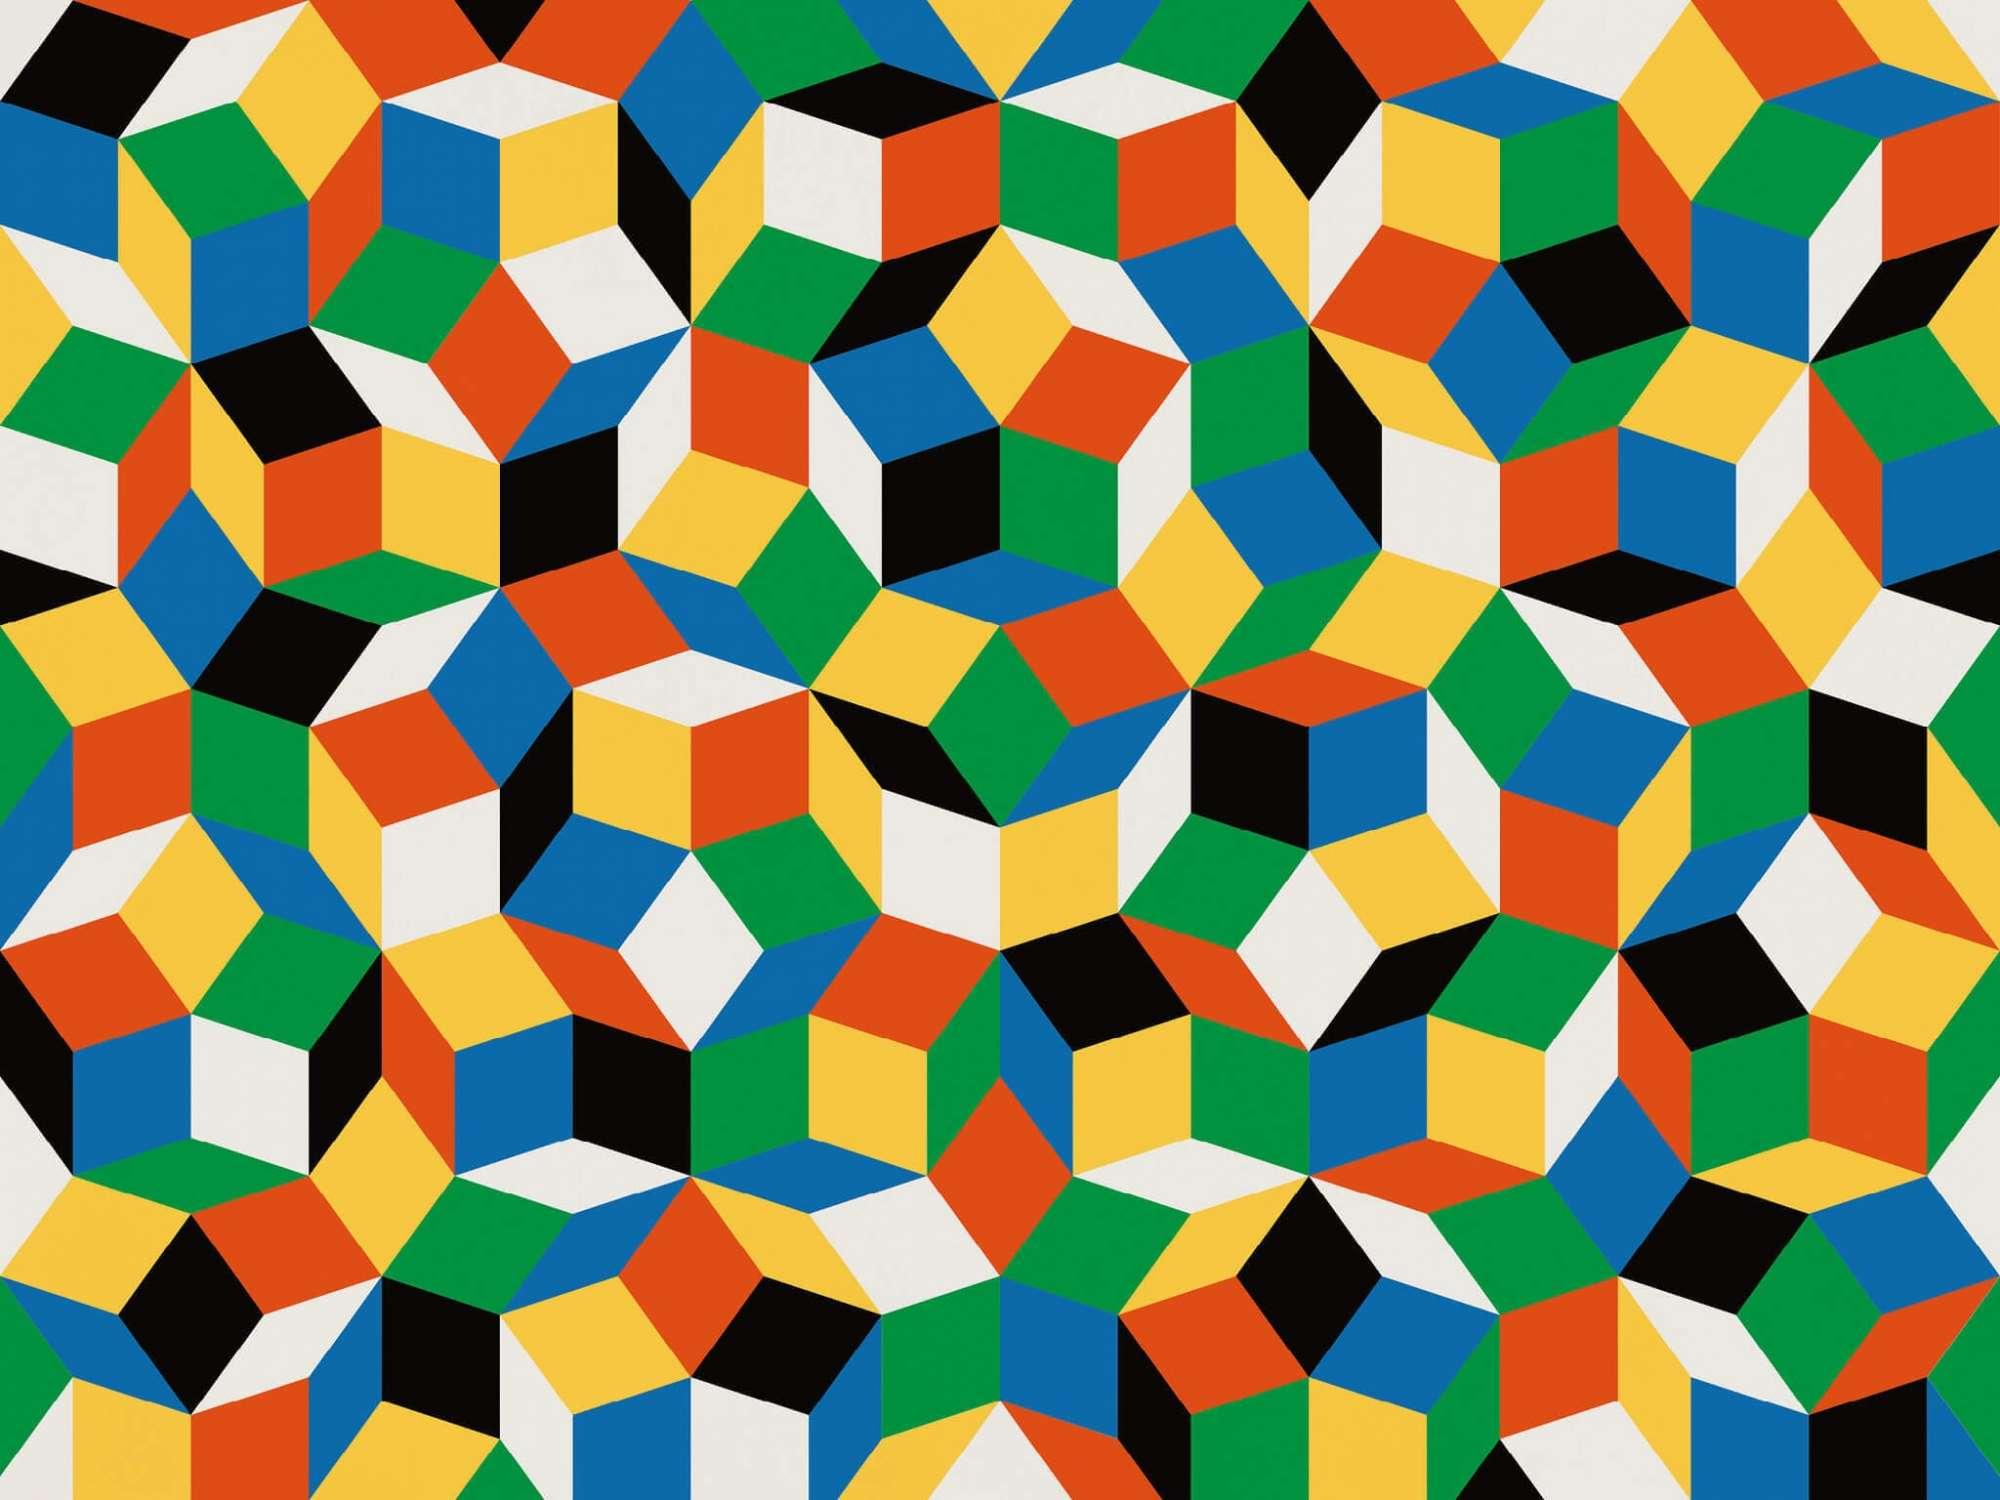 Papier Peint Forme Geometrique.Papier Peint Penrose Primaries